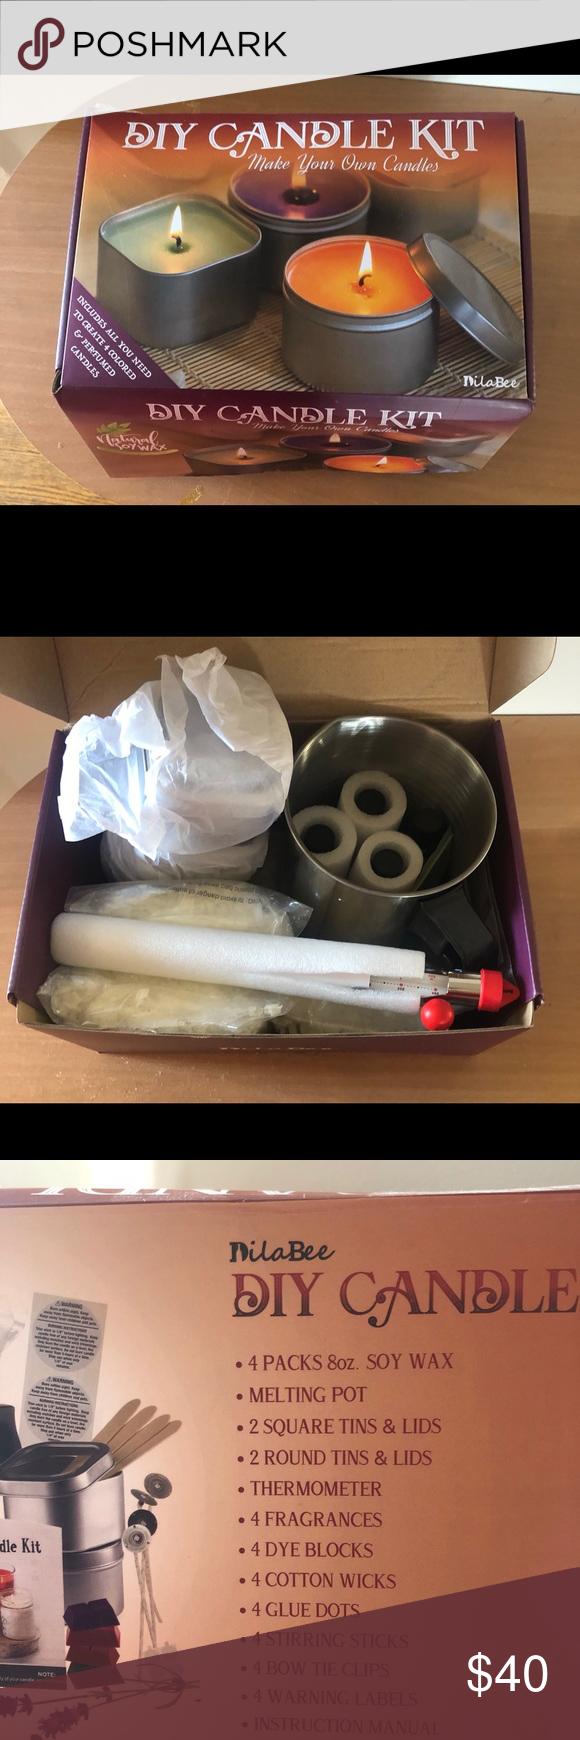 DIY CANDLE MAKING KIT Diy candles, Candle making kit